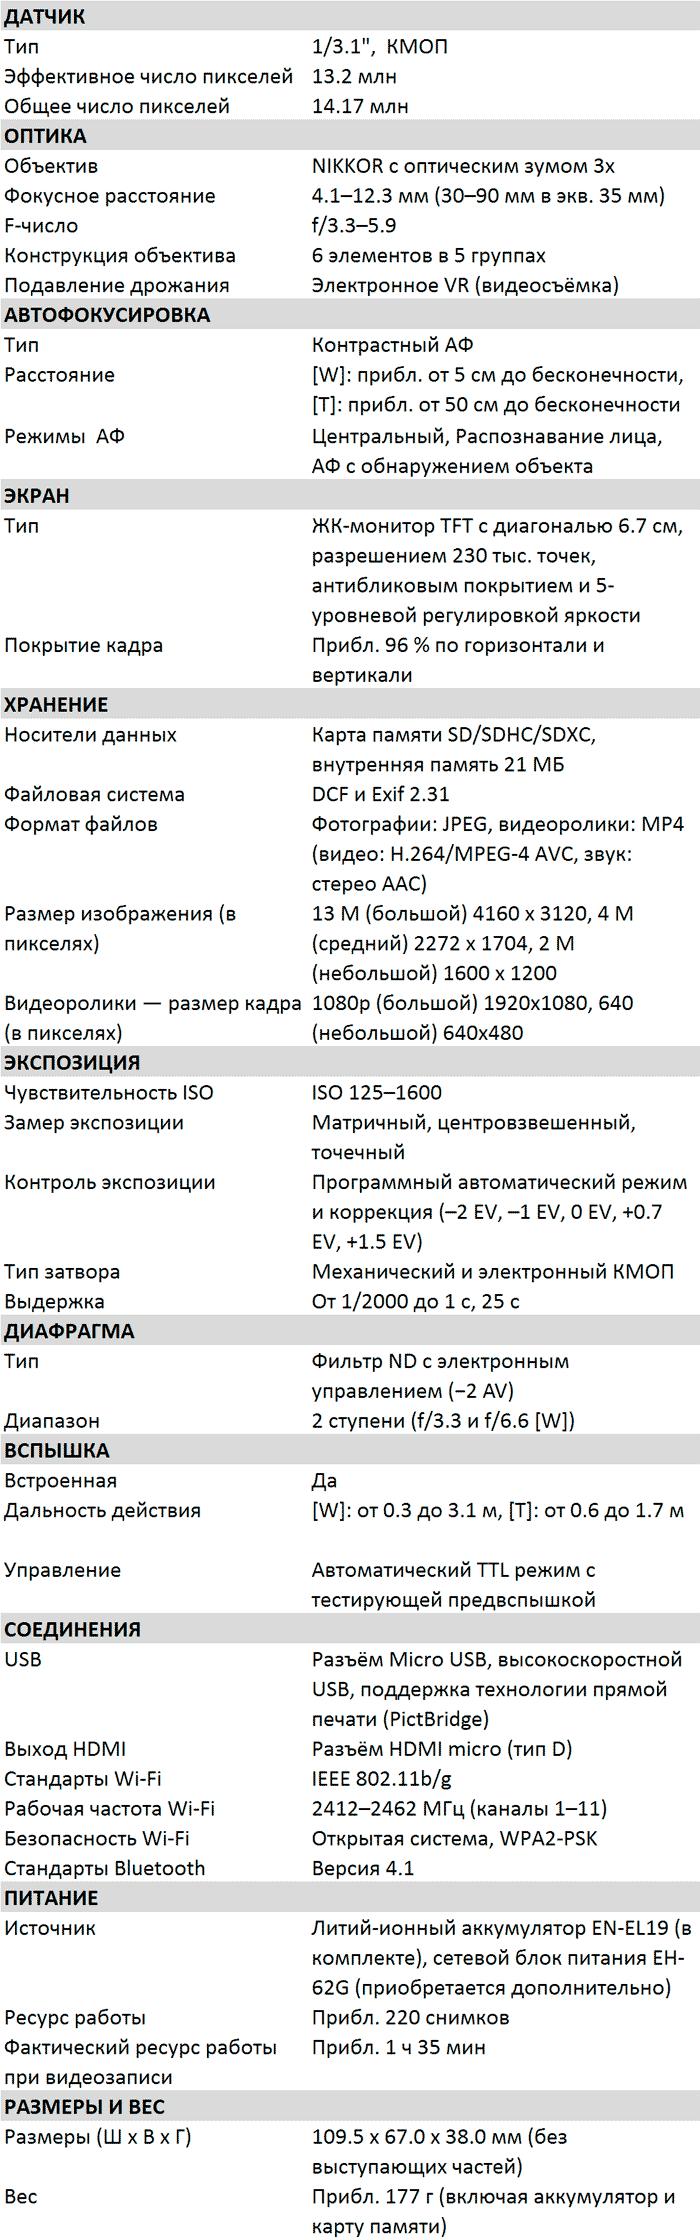 Характеристики Coolpix W150